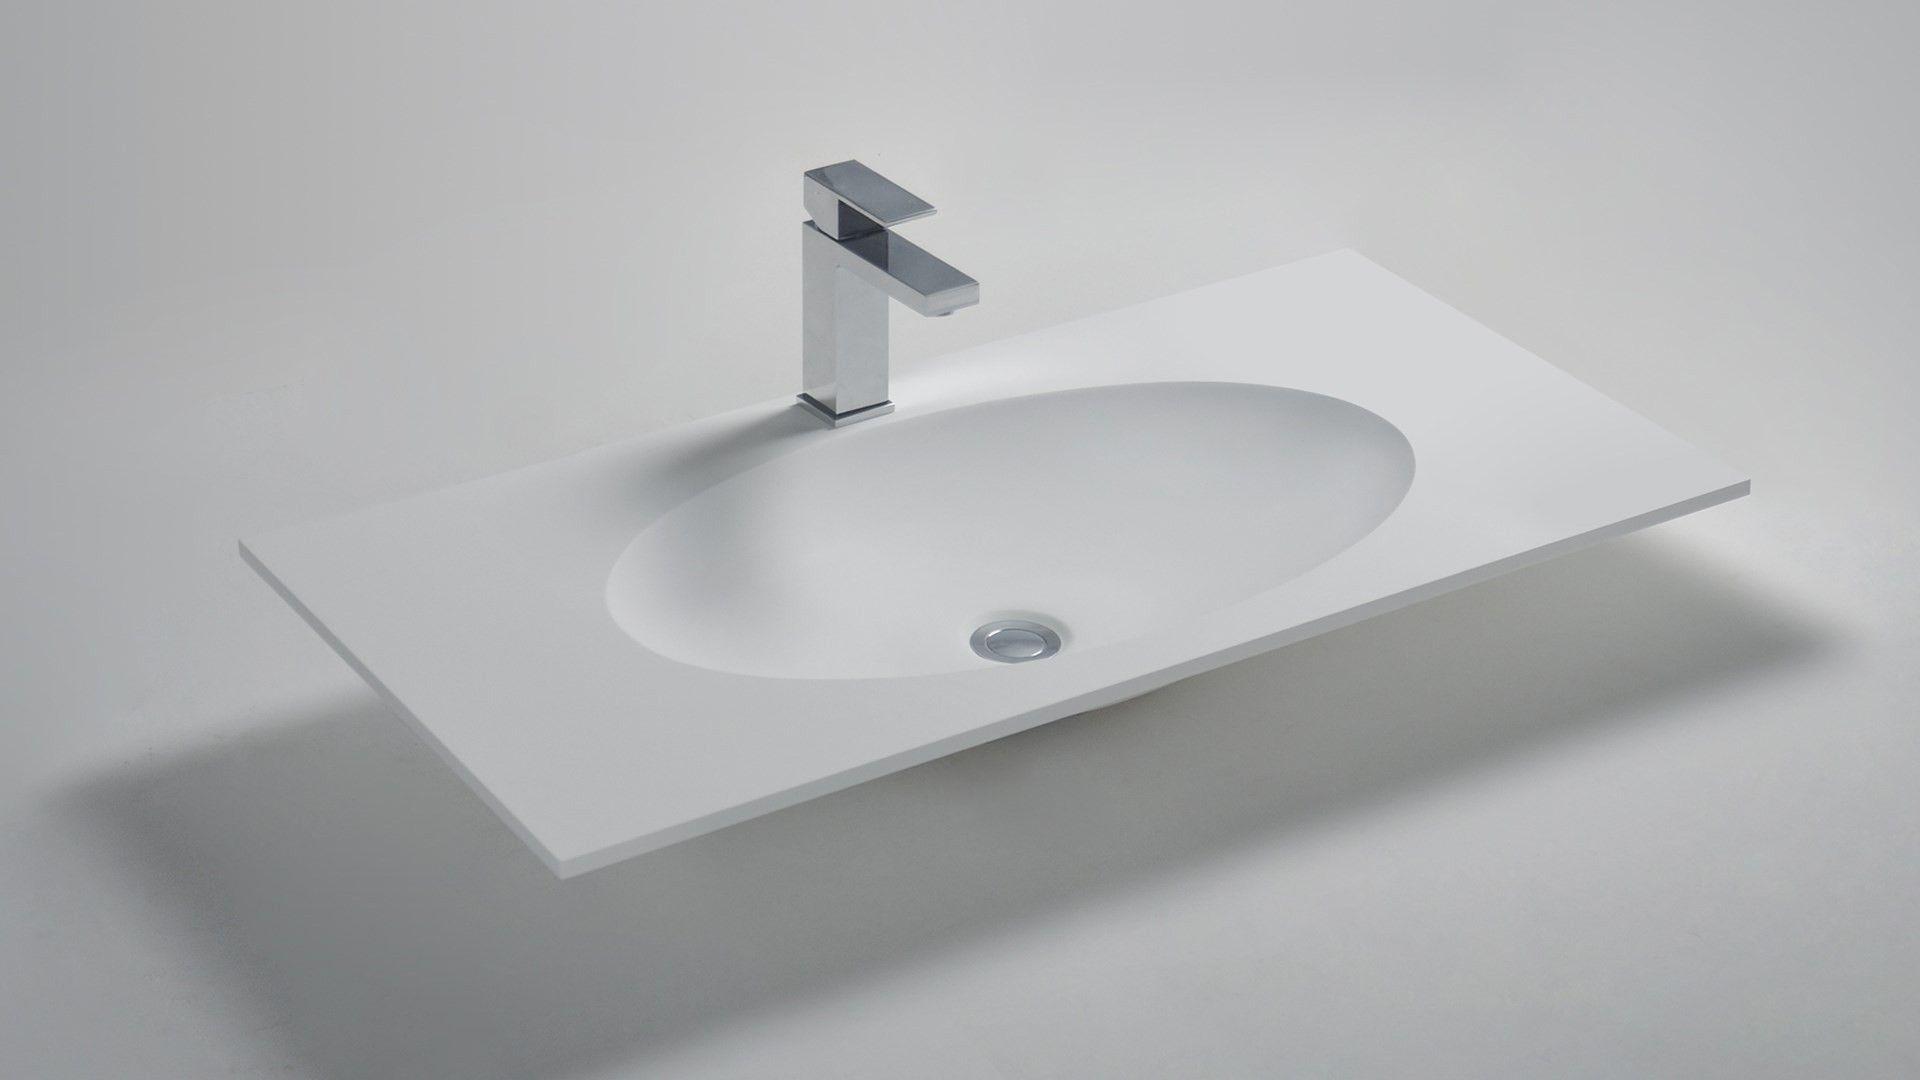 Solid Surface Wastafel : Solid surface wastafel solidzelig 900x460x100mm mat wit wastafel